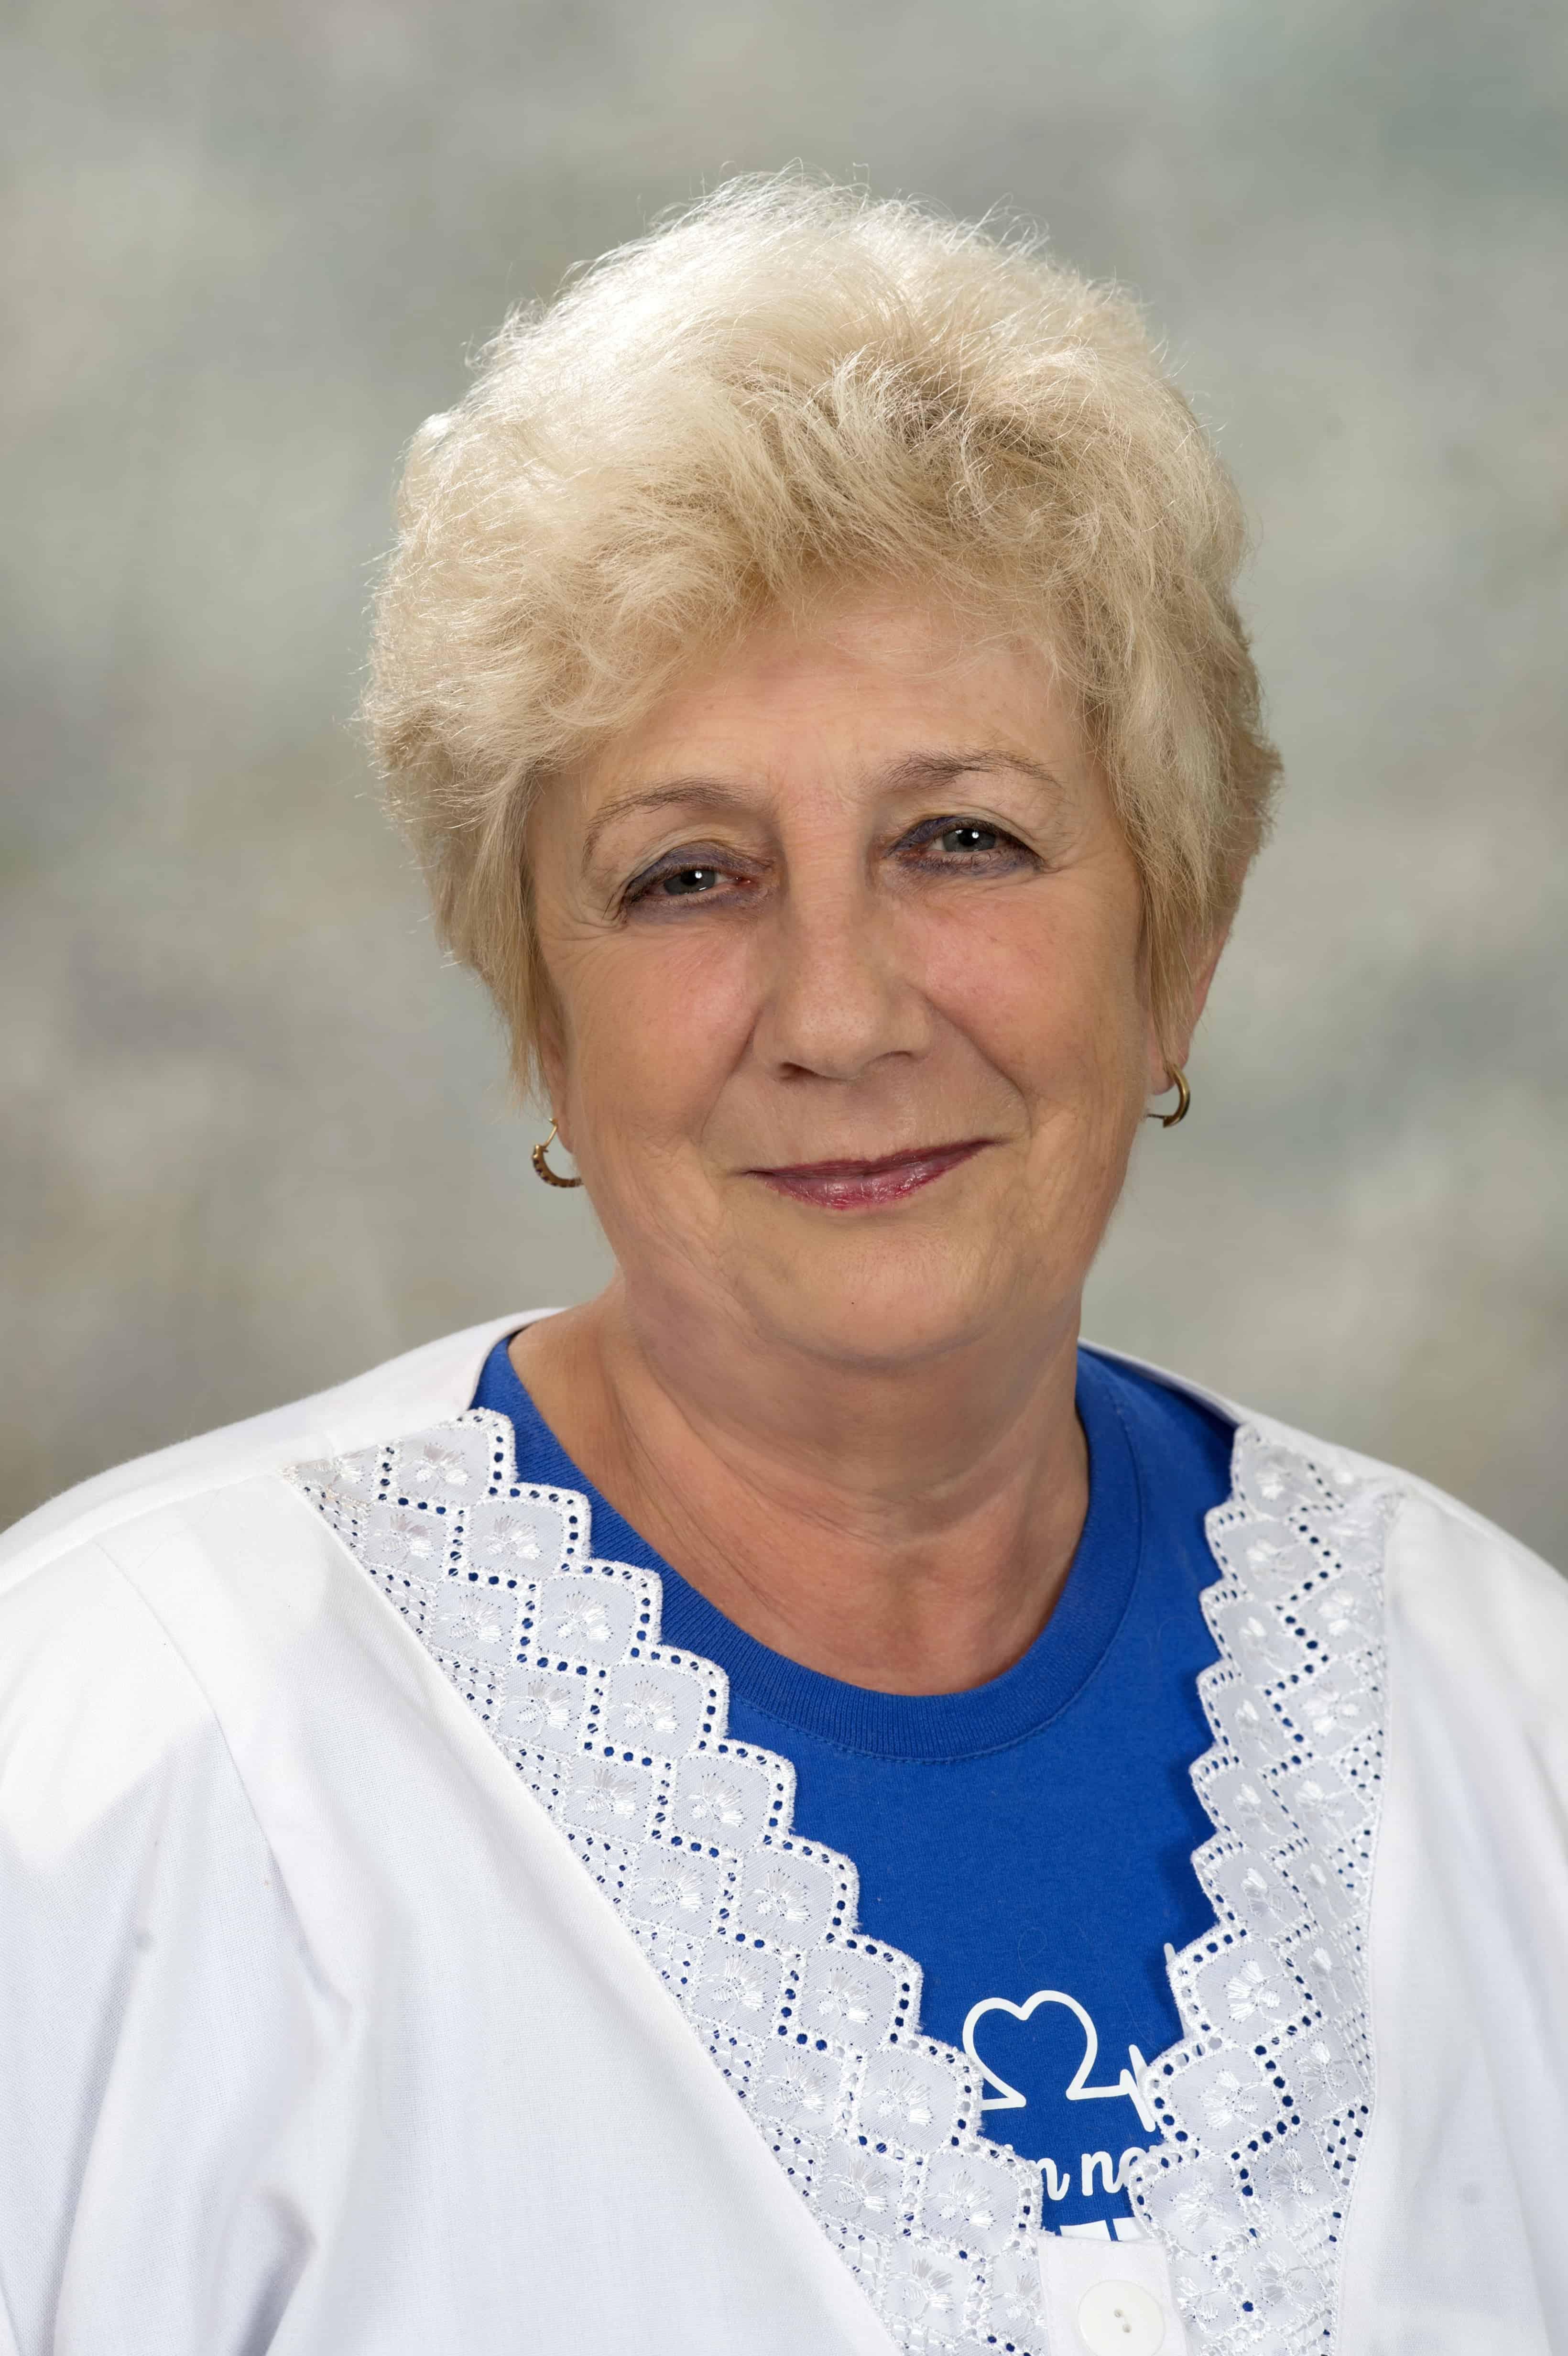 Tóthnés Szabó Éva - egészségügyi szakápoló illetve körzeti nővér